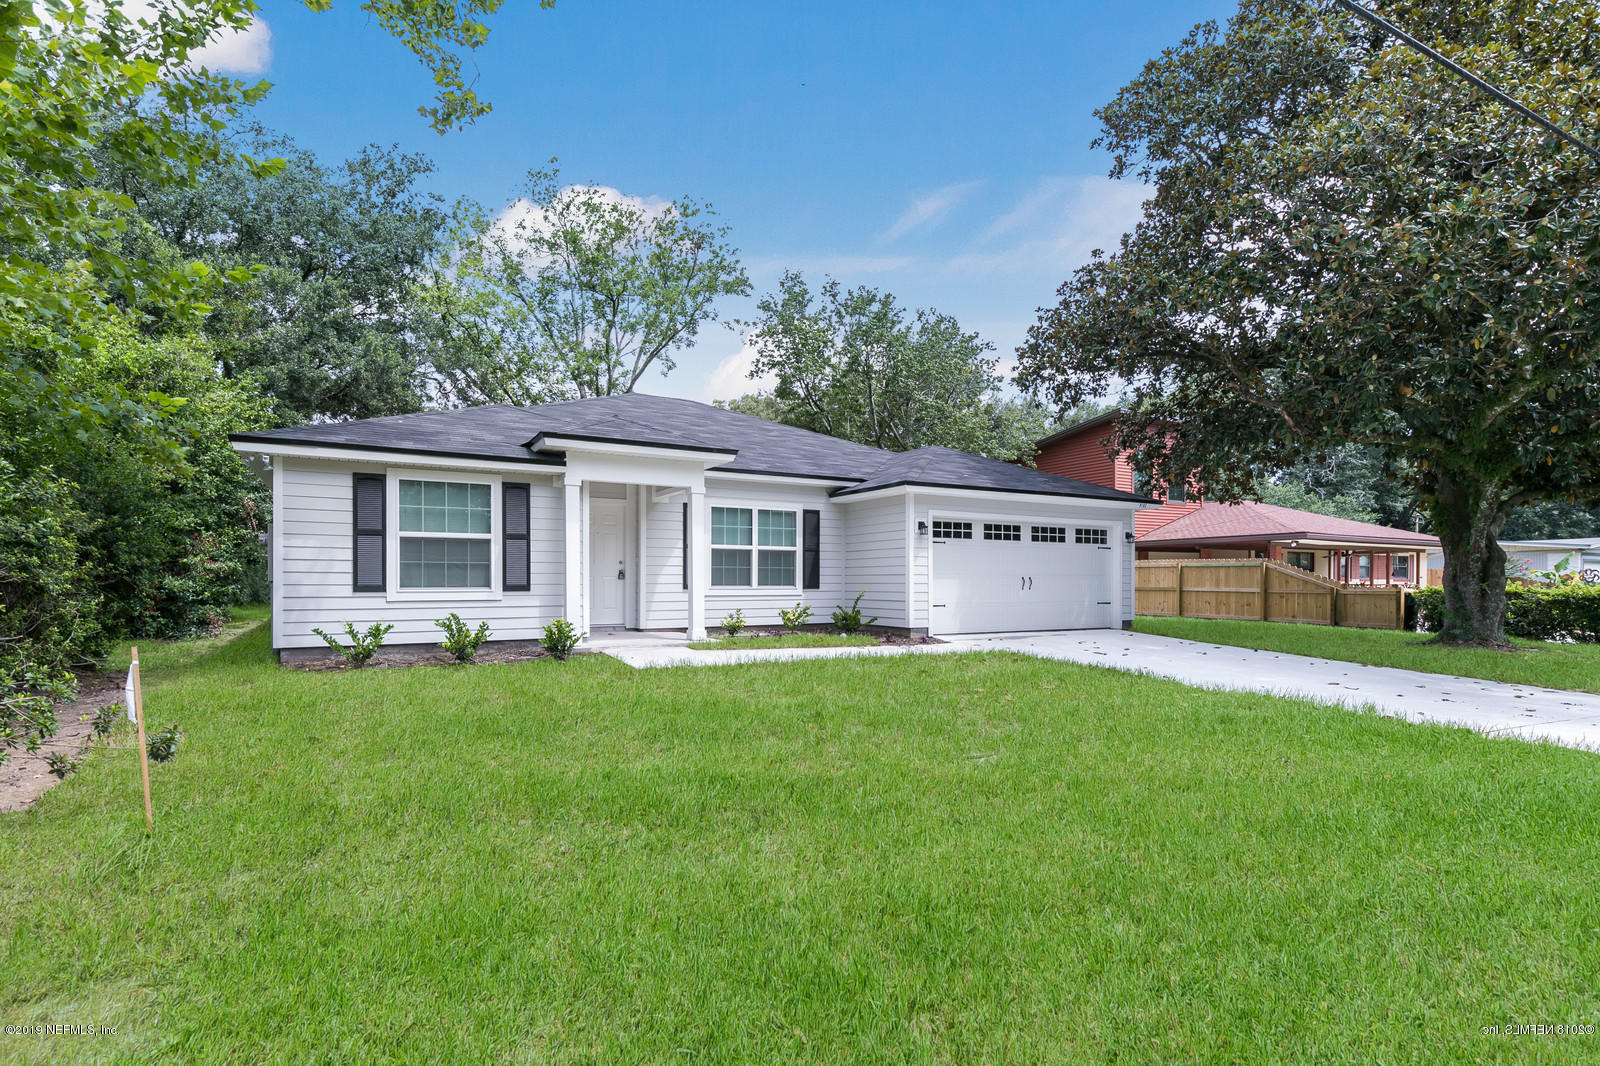 5450 LOS SANTOS, JACKSONVILLE, FLORIDA 32211, 4 Bedrooms Bedrooms, ,2 BathroomsBathrooms,Residential - single family,For sale,LOS SANTOS,995539